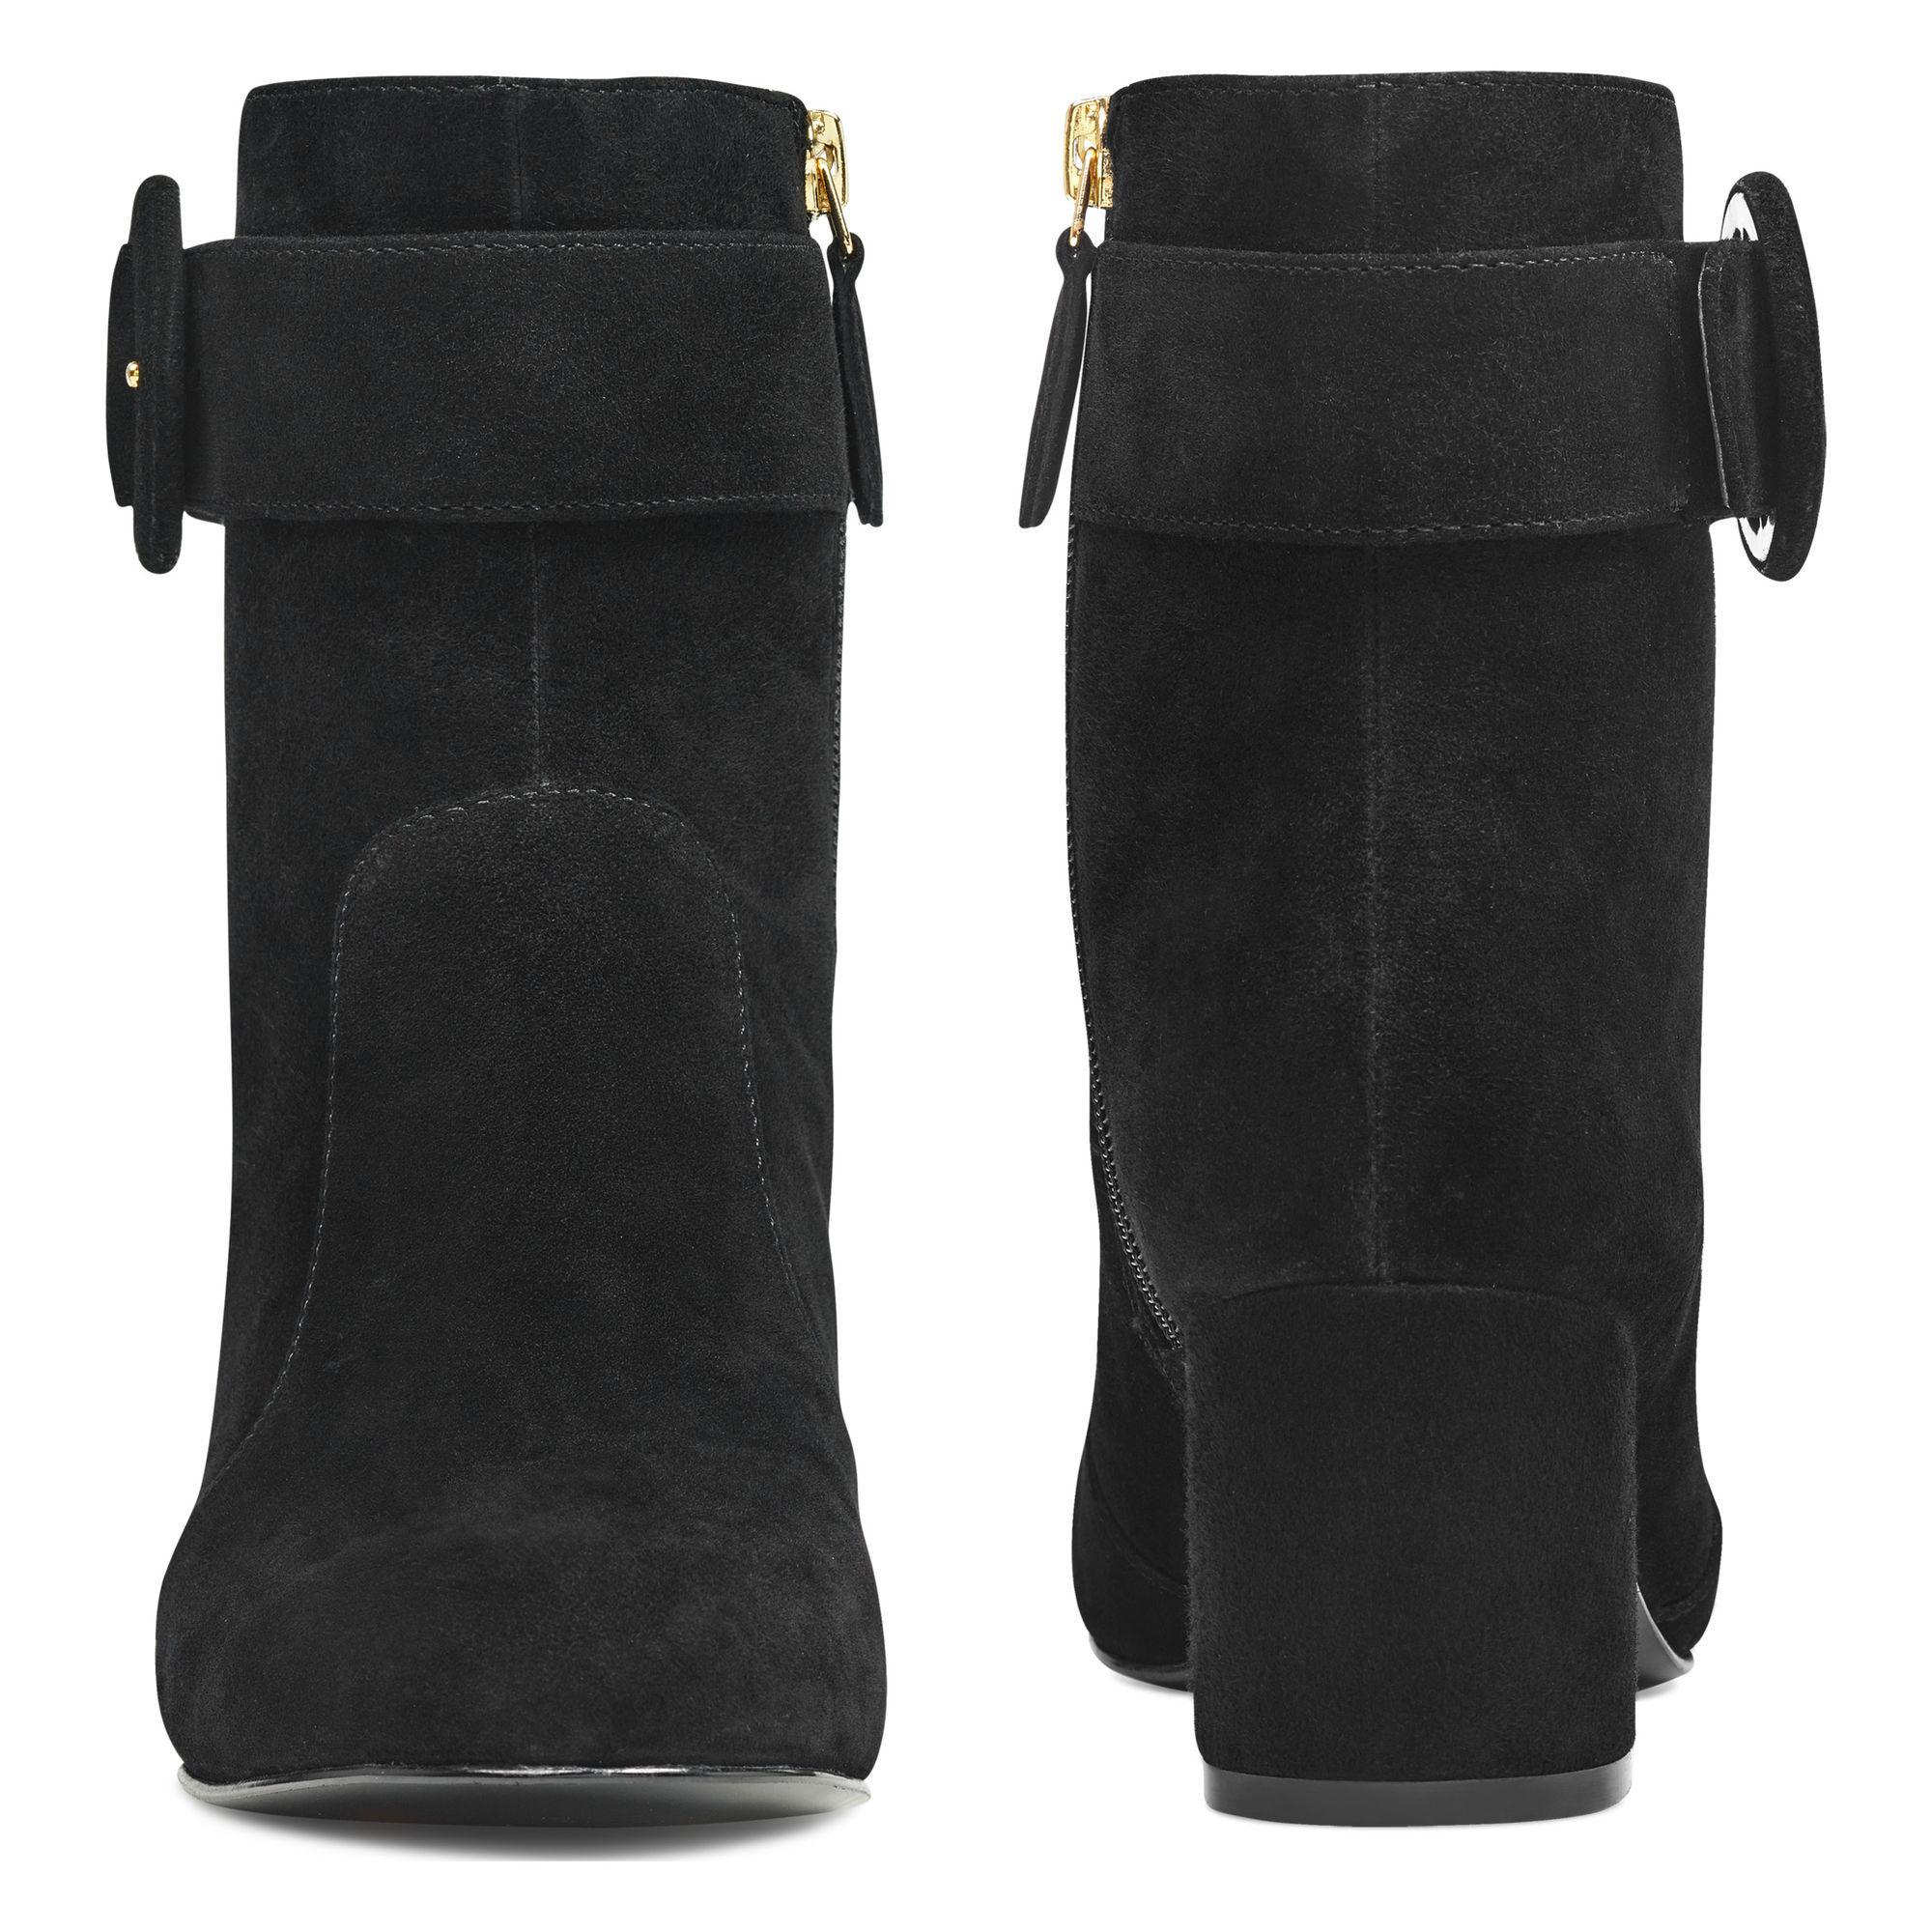 Nine West Quilby Block-heel Booties in